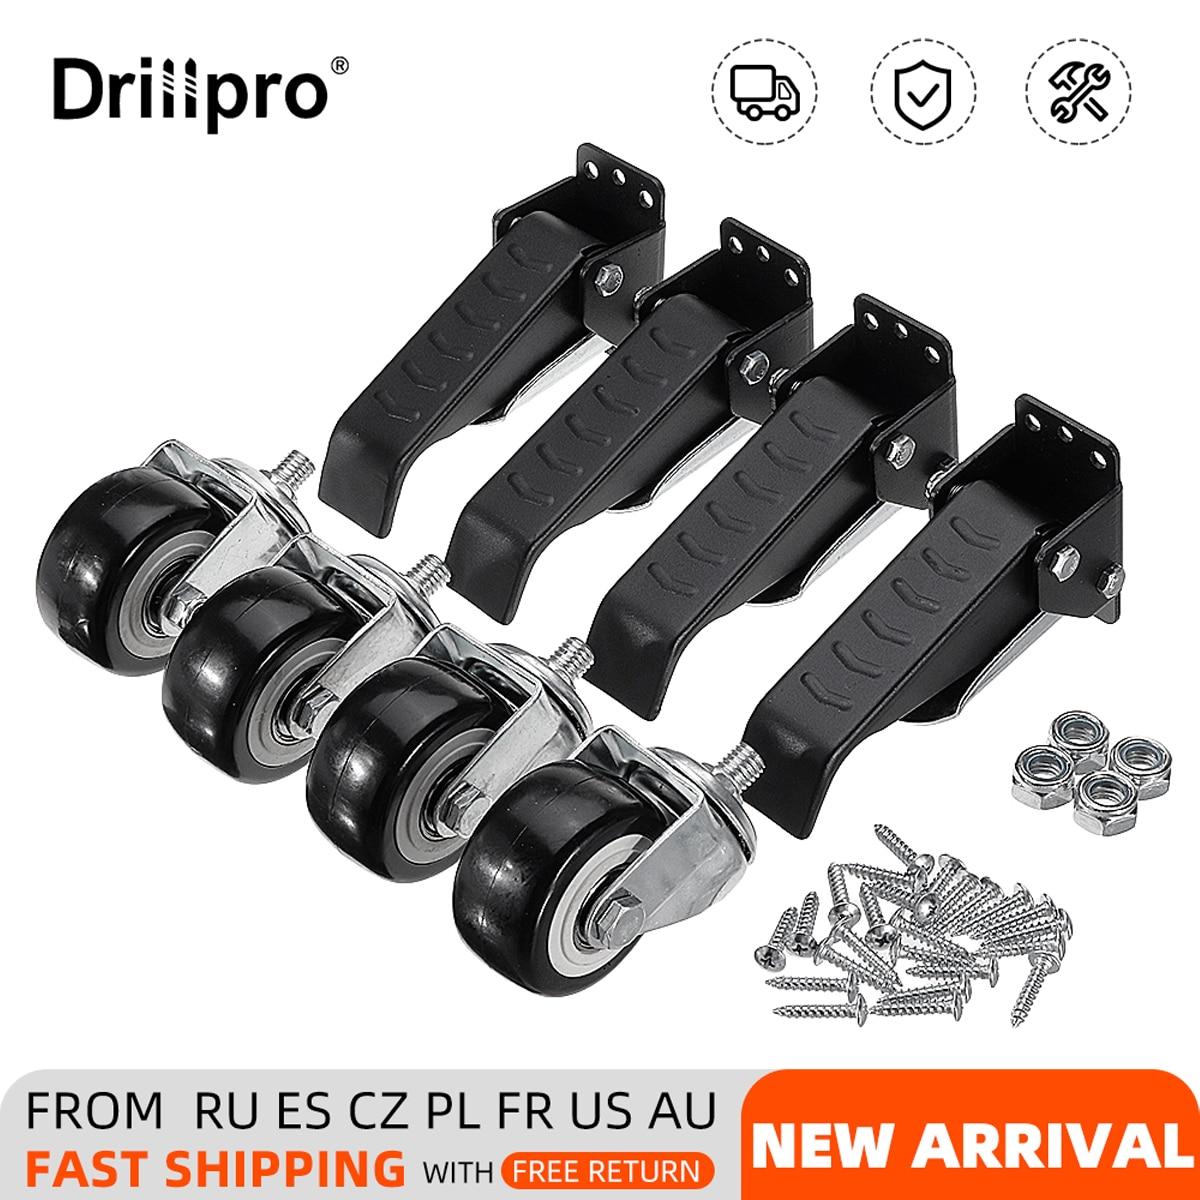 Drillpro 4 قطعة ترقية جديدة الثقيلة منضدة مجموعة العجلات 400lbs الأثاث المذرة 64 مللي متر النجارة الجدول مجموعة عجلات